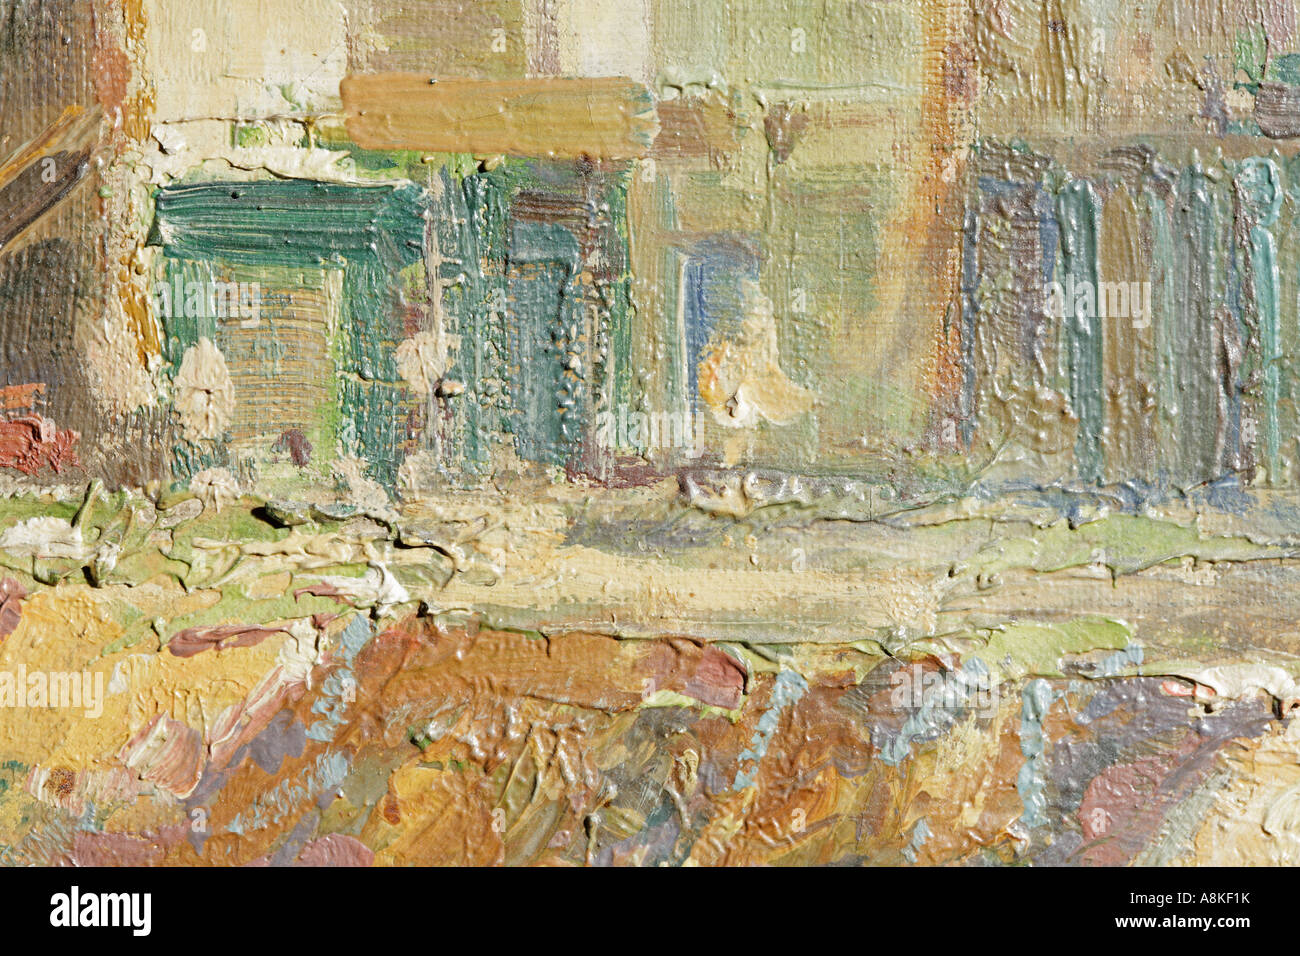 Dettaglio della pittura di olio sfondi telaio completo close up Immagini Stock